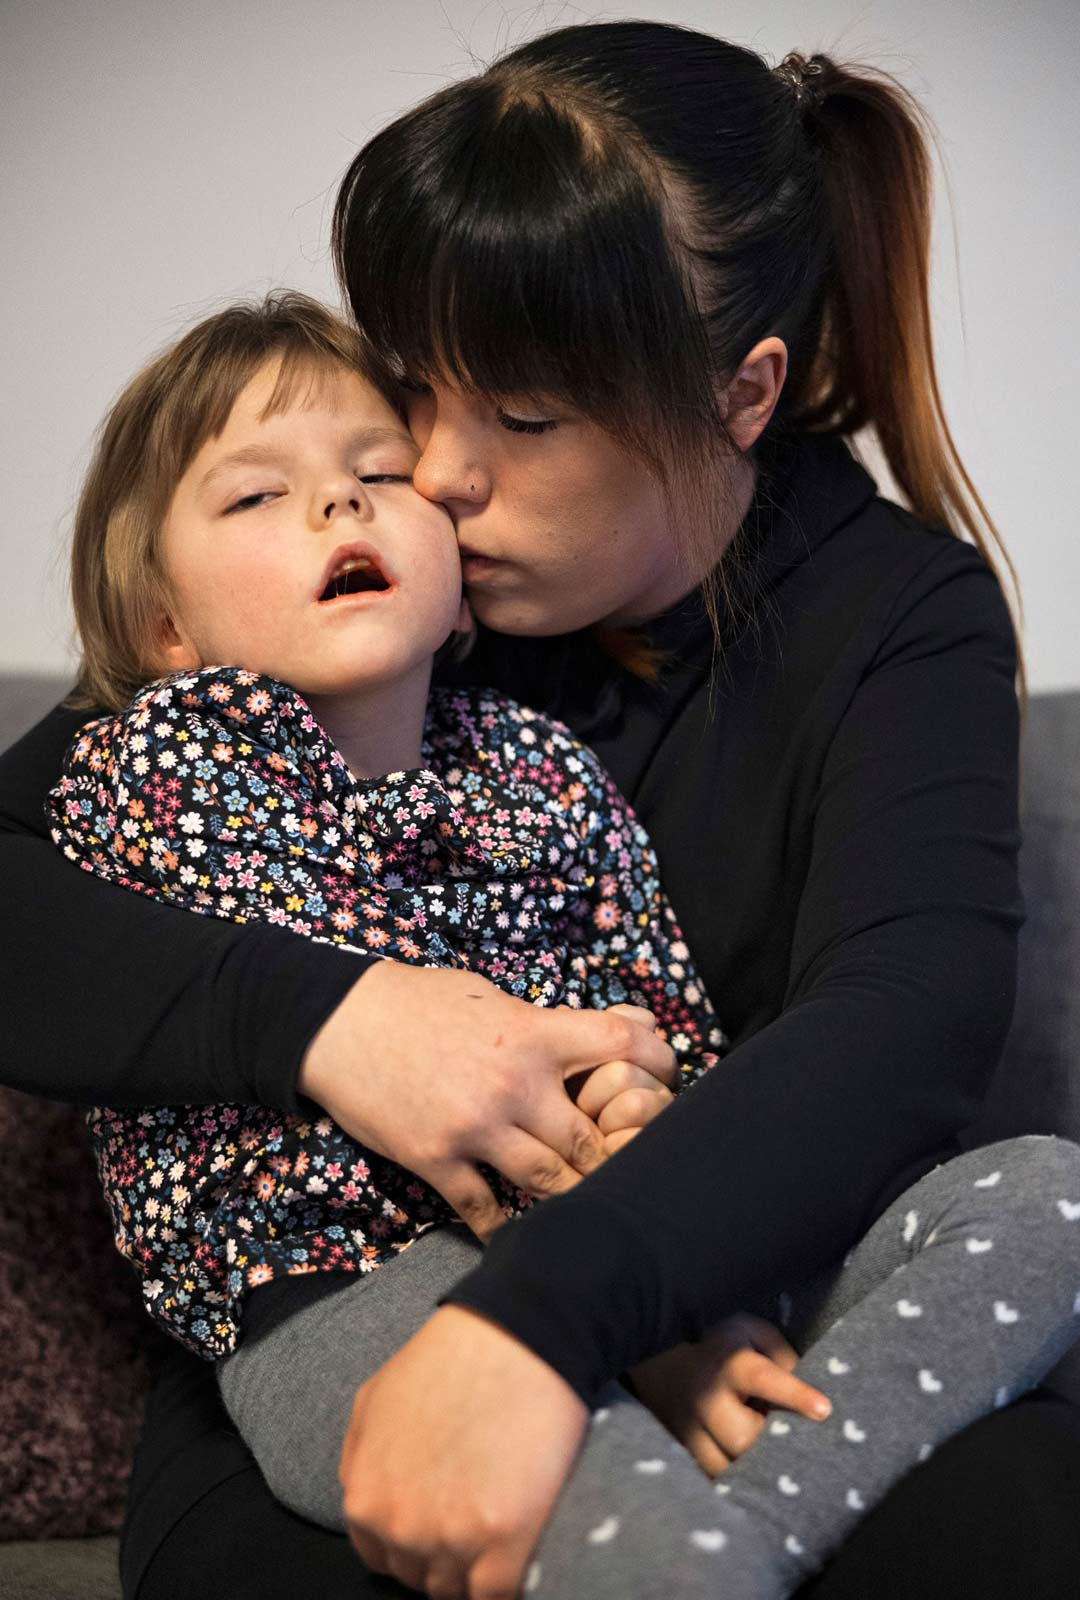 Halatessaan tytärtään Eini sanoo kokevansa syvää yhteyttä lapseen, joka voi ilmaista itseään vain pienen vauvan tavoin.